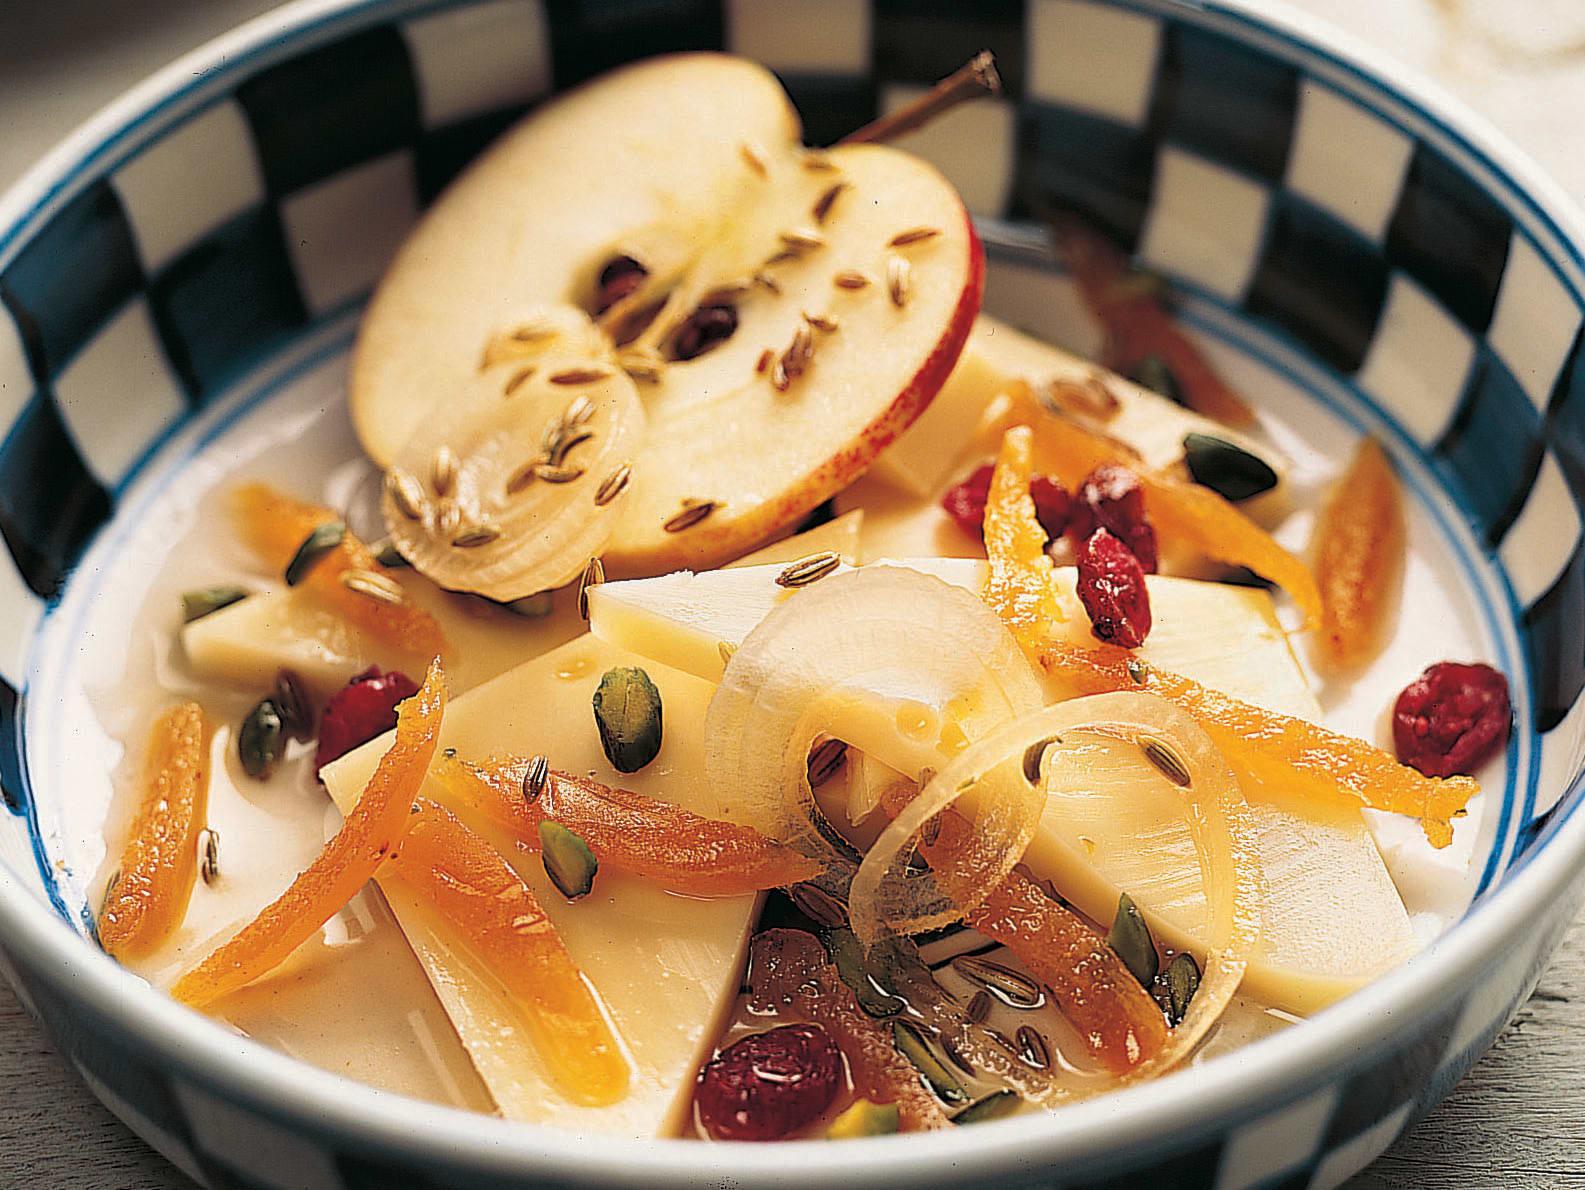 Marinierter Käse mit Früchten und Nüssen